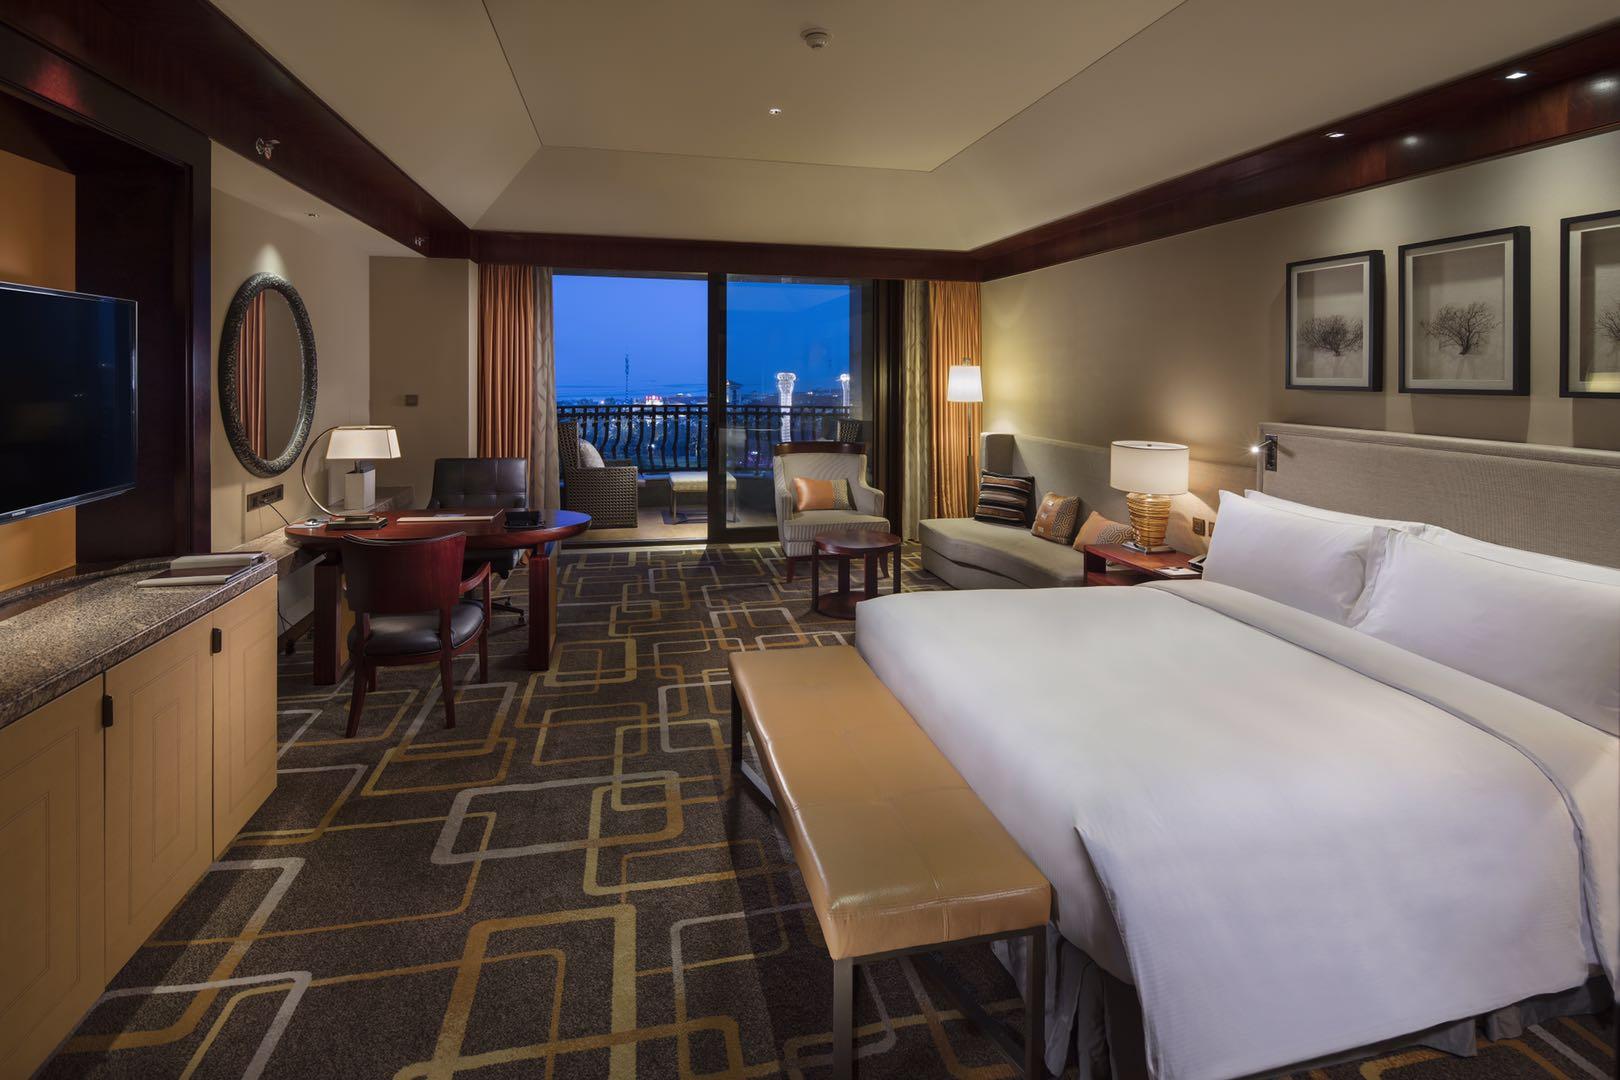 青岛金沙滩希尔顿酒店1晚 次日双人自助早餐 双人自助